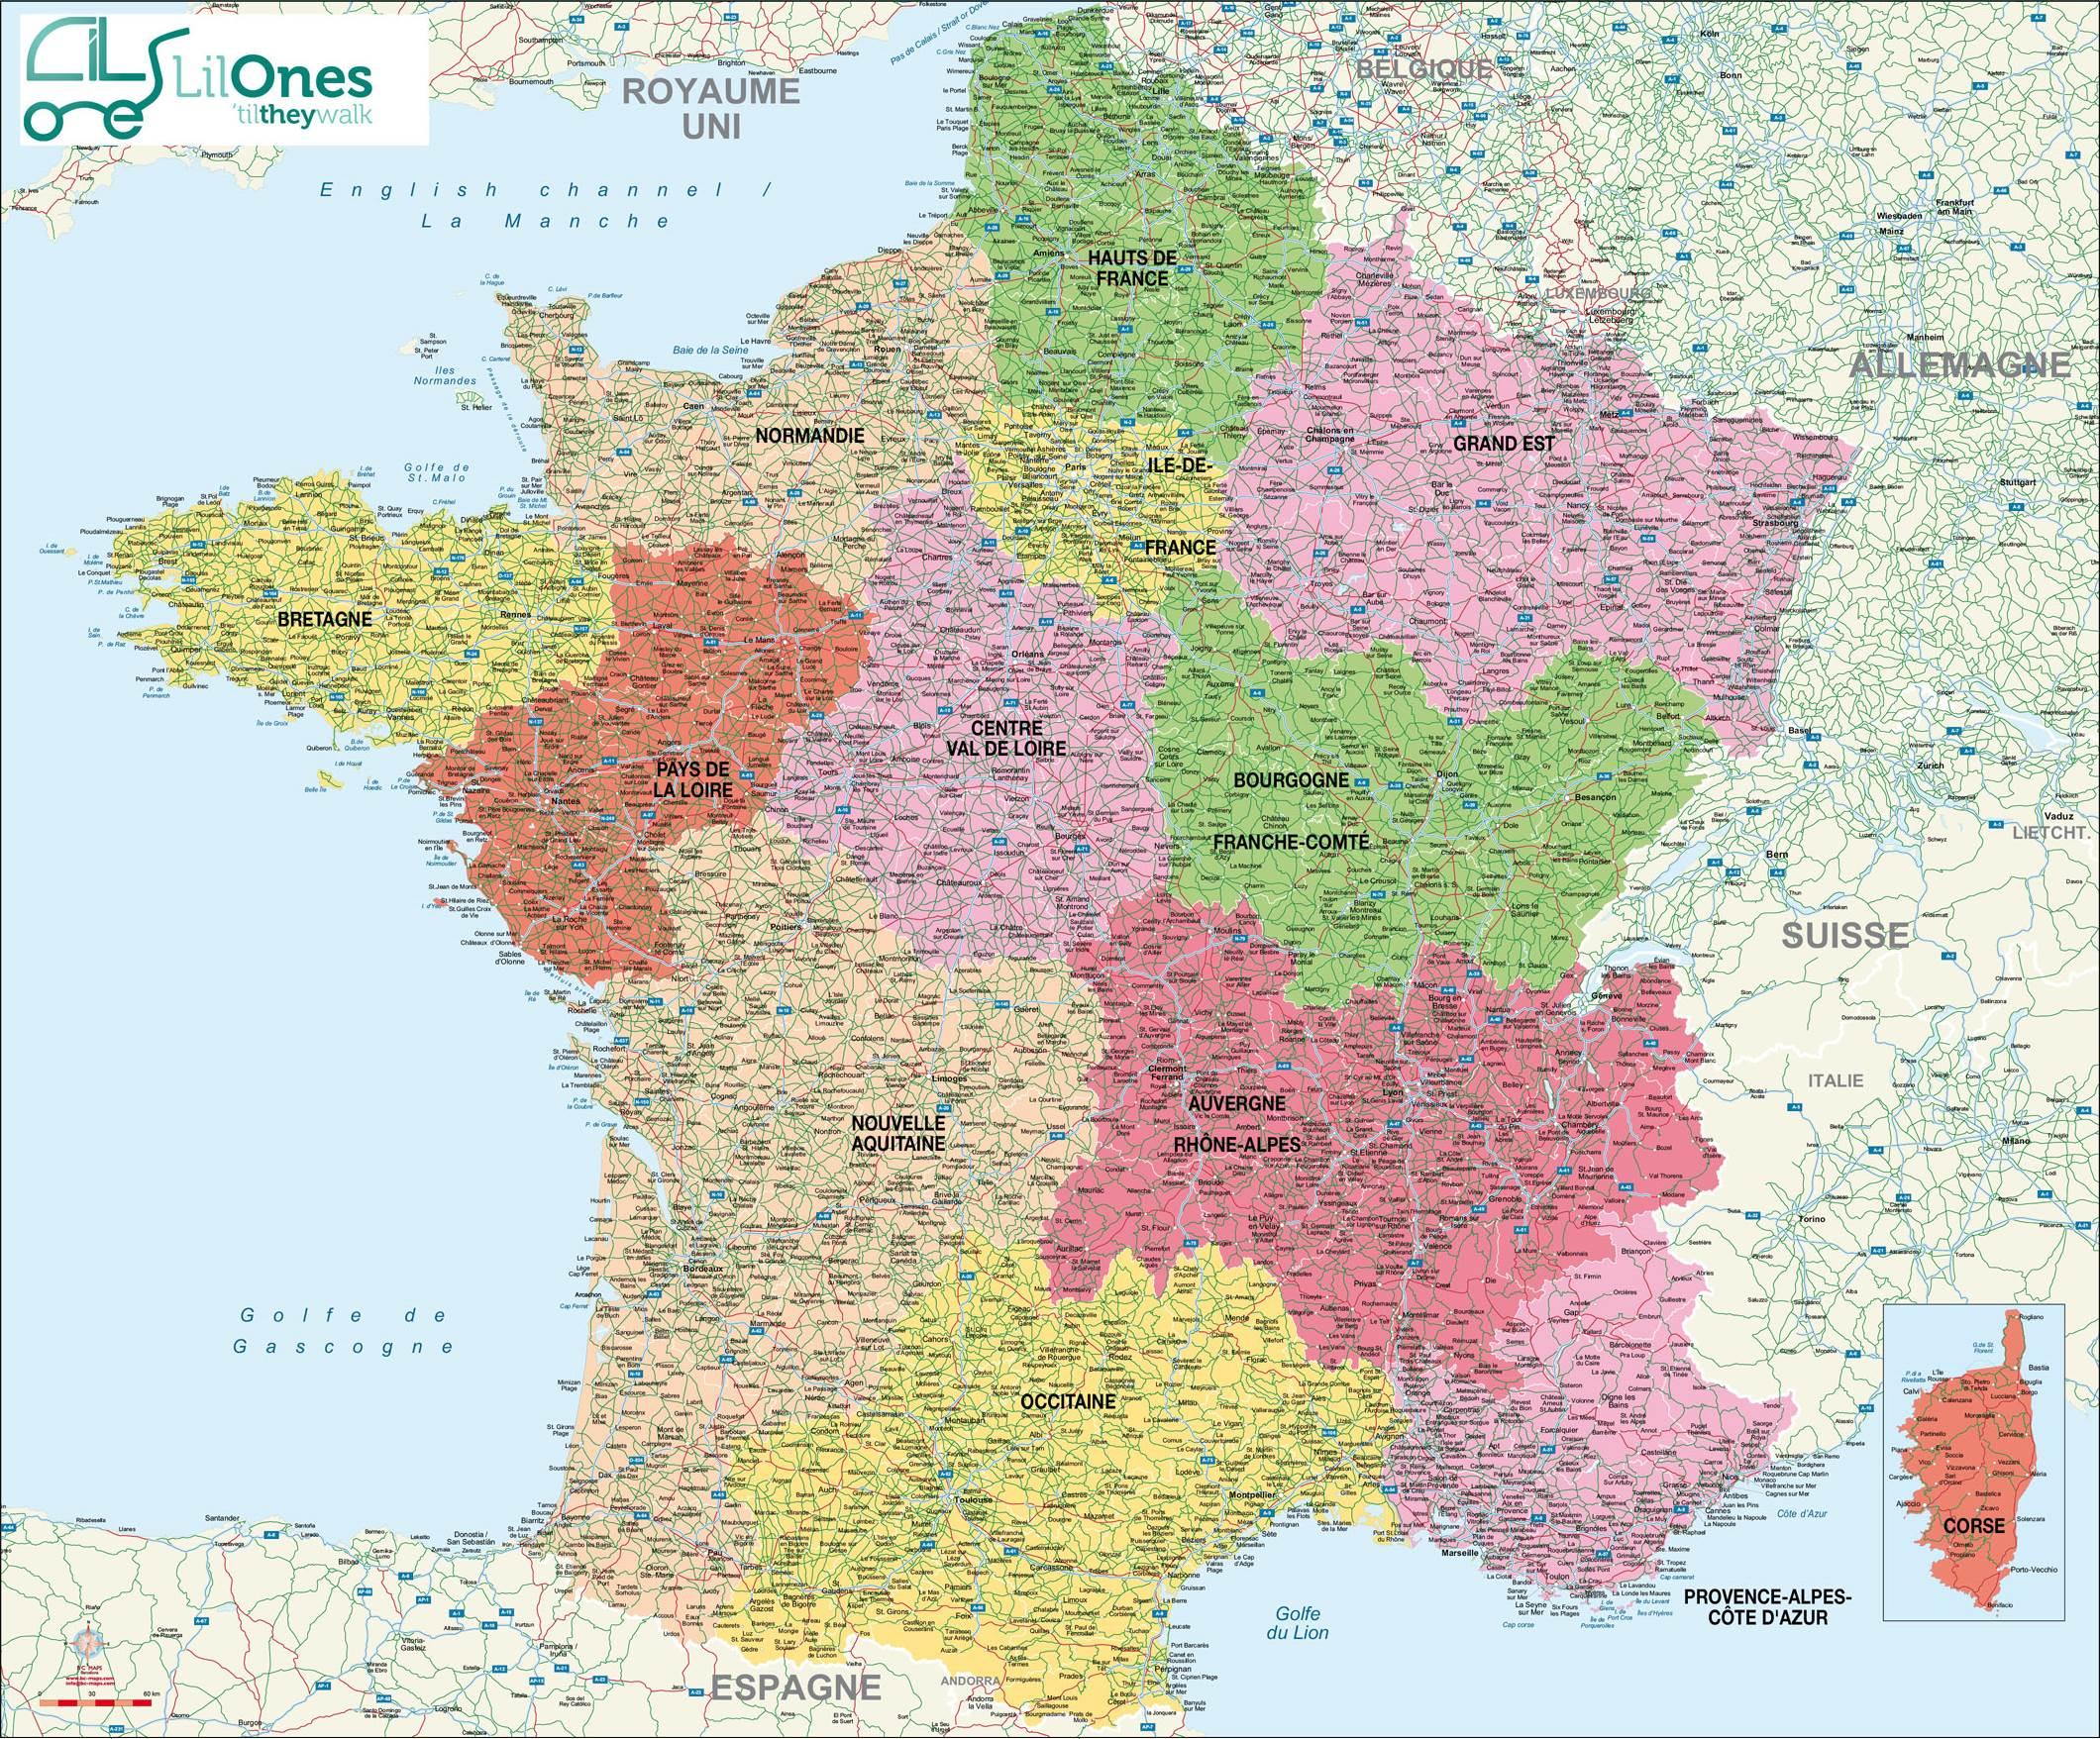 Cartes De France : Cartes Des Régions, Départements Et encequiconcerne Carte De Region De France